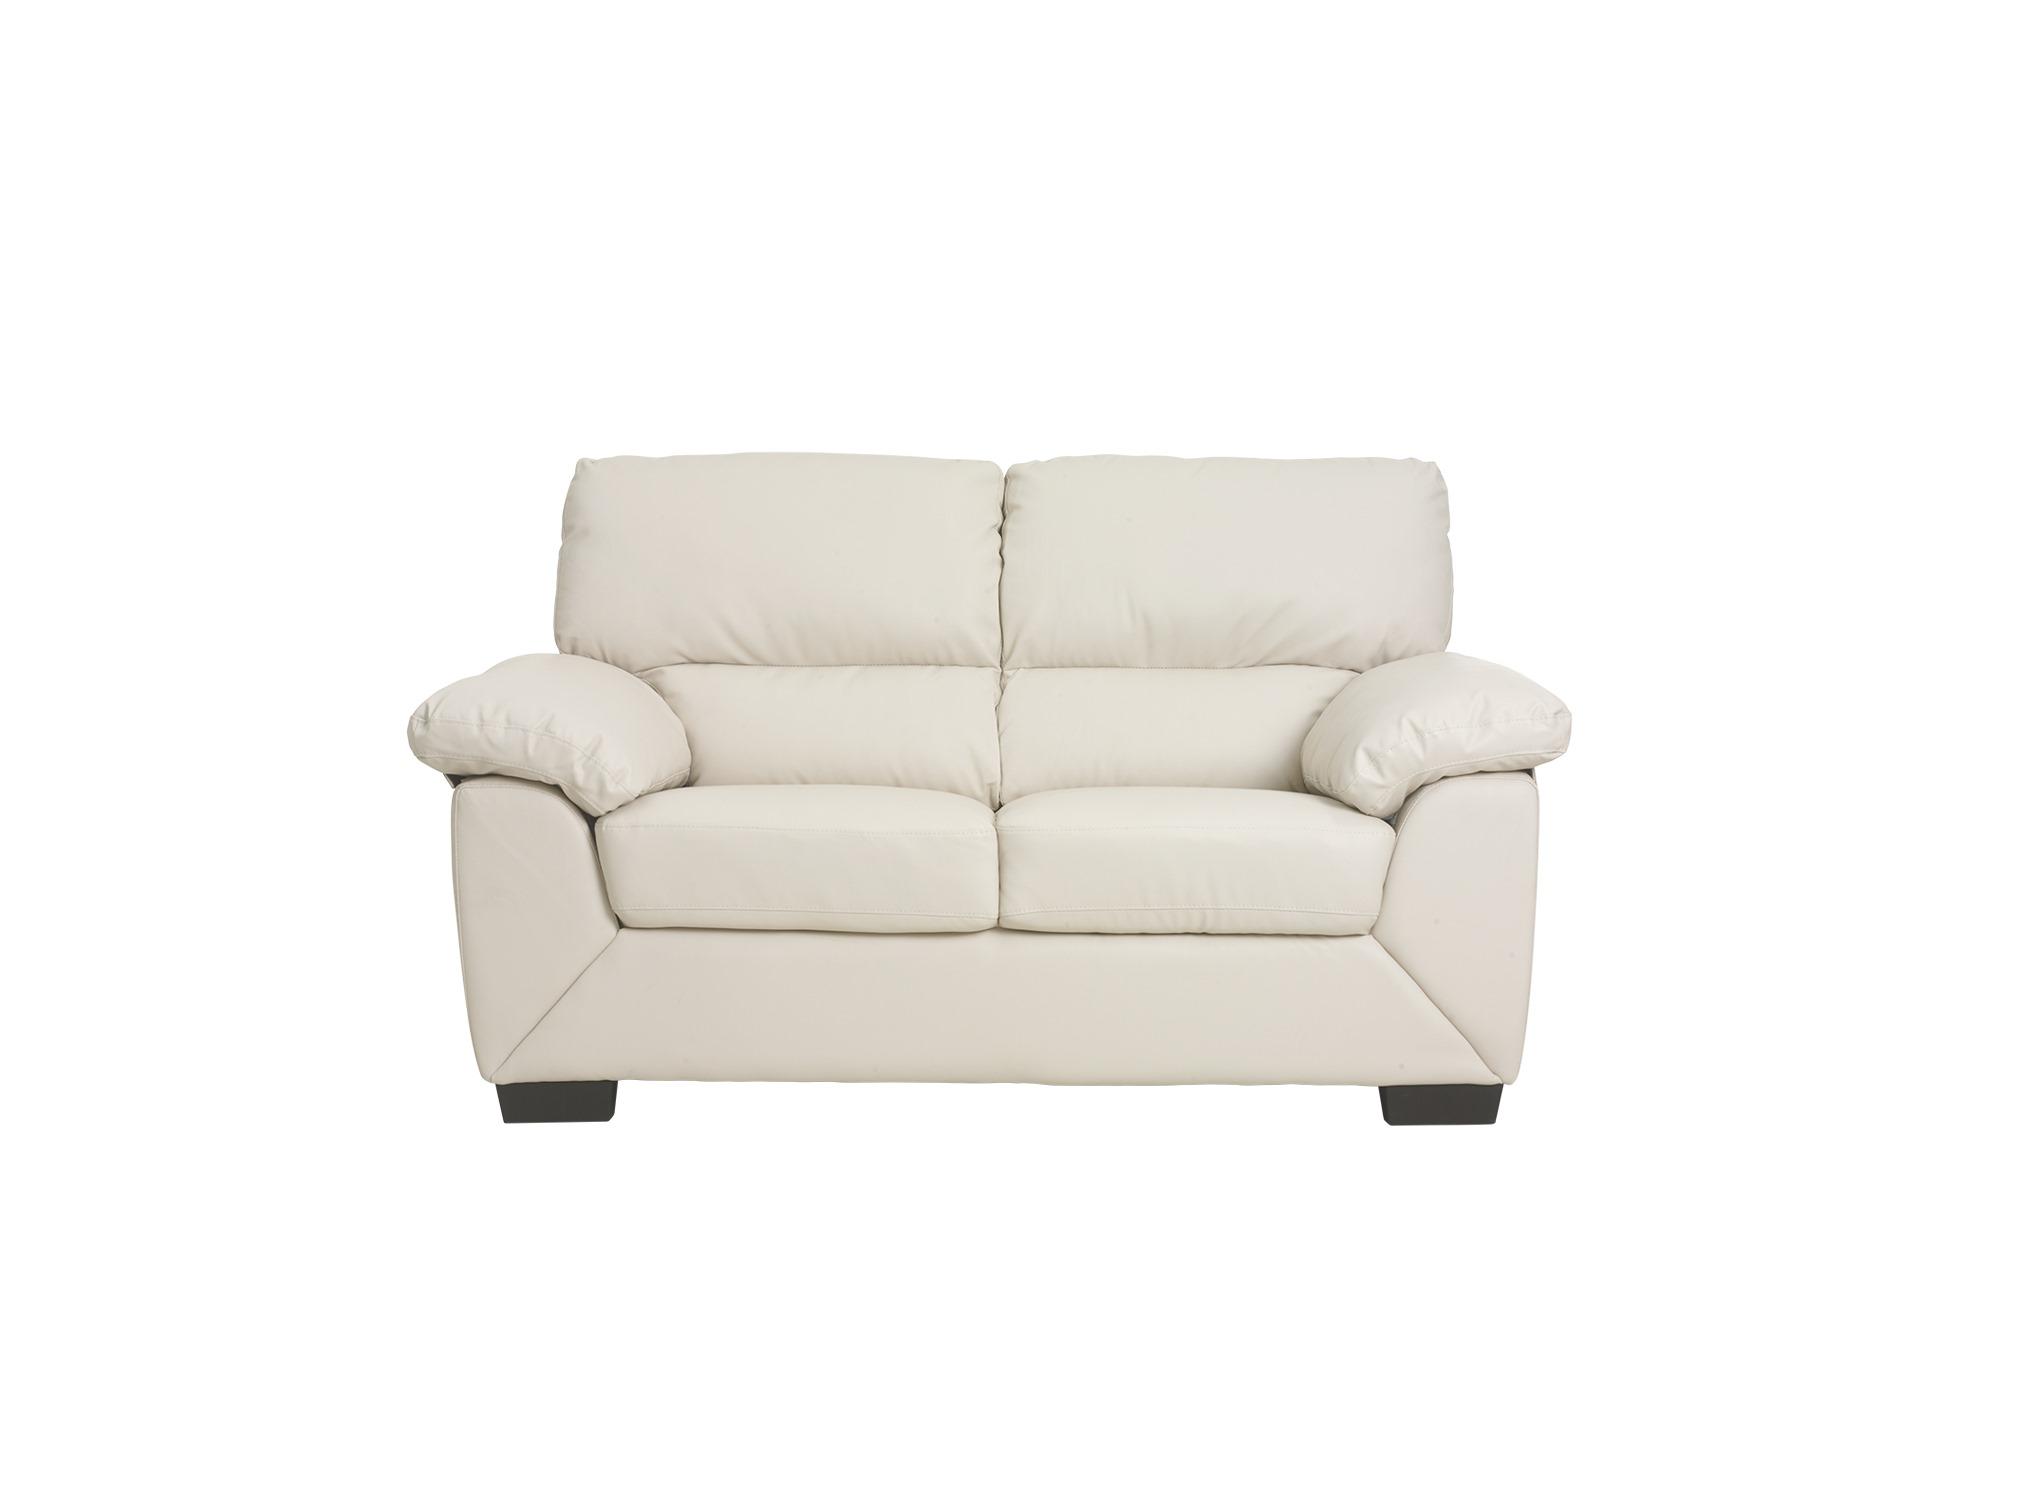 Pkline 2 sitzer sofa rica in creme couch couchgarnitur for Wohnlandschaft 10 personen